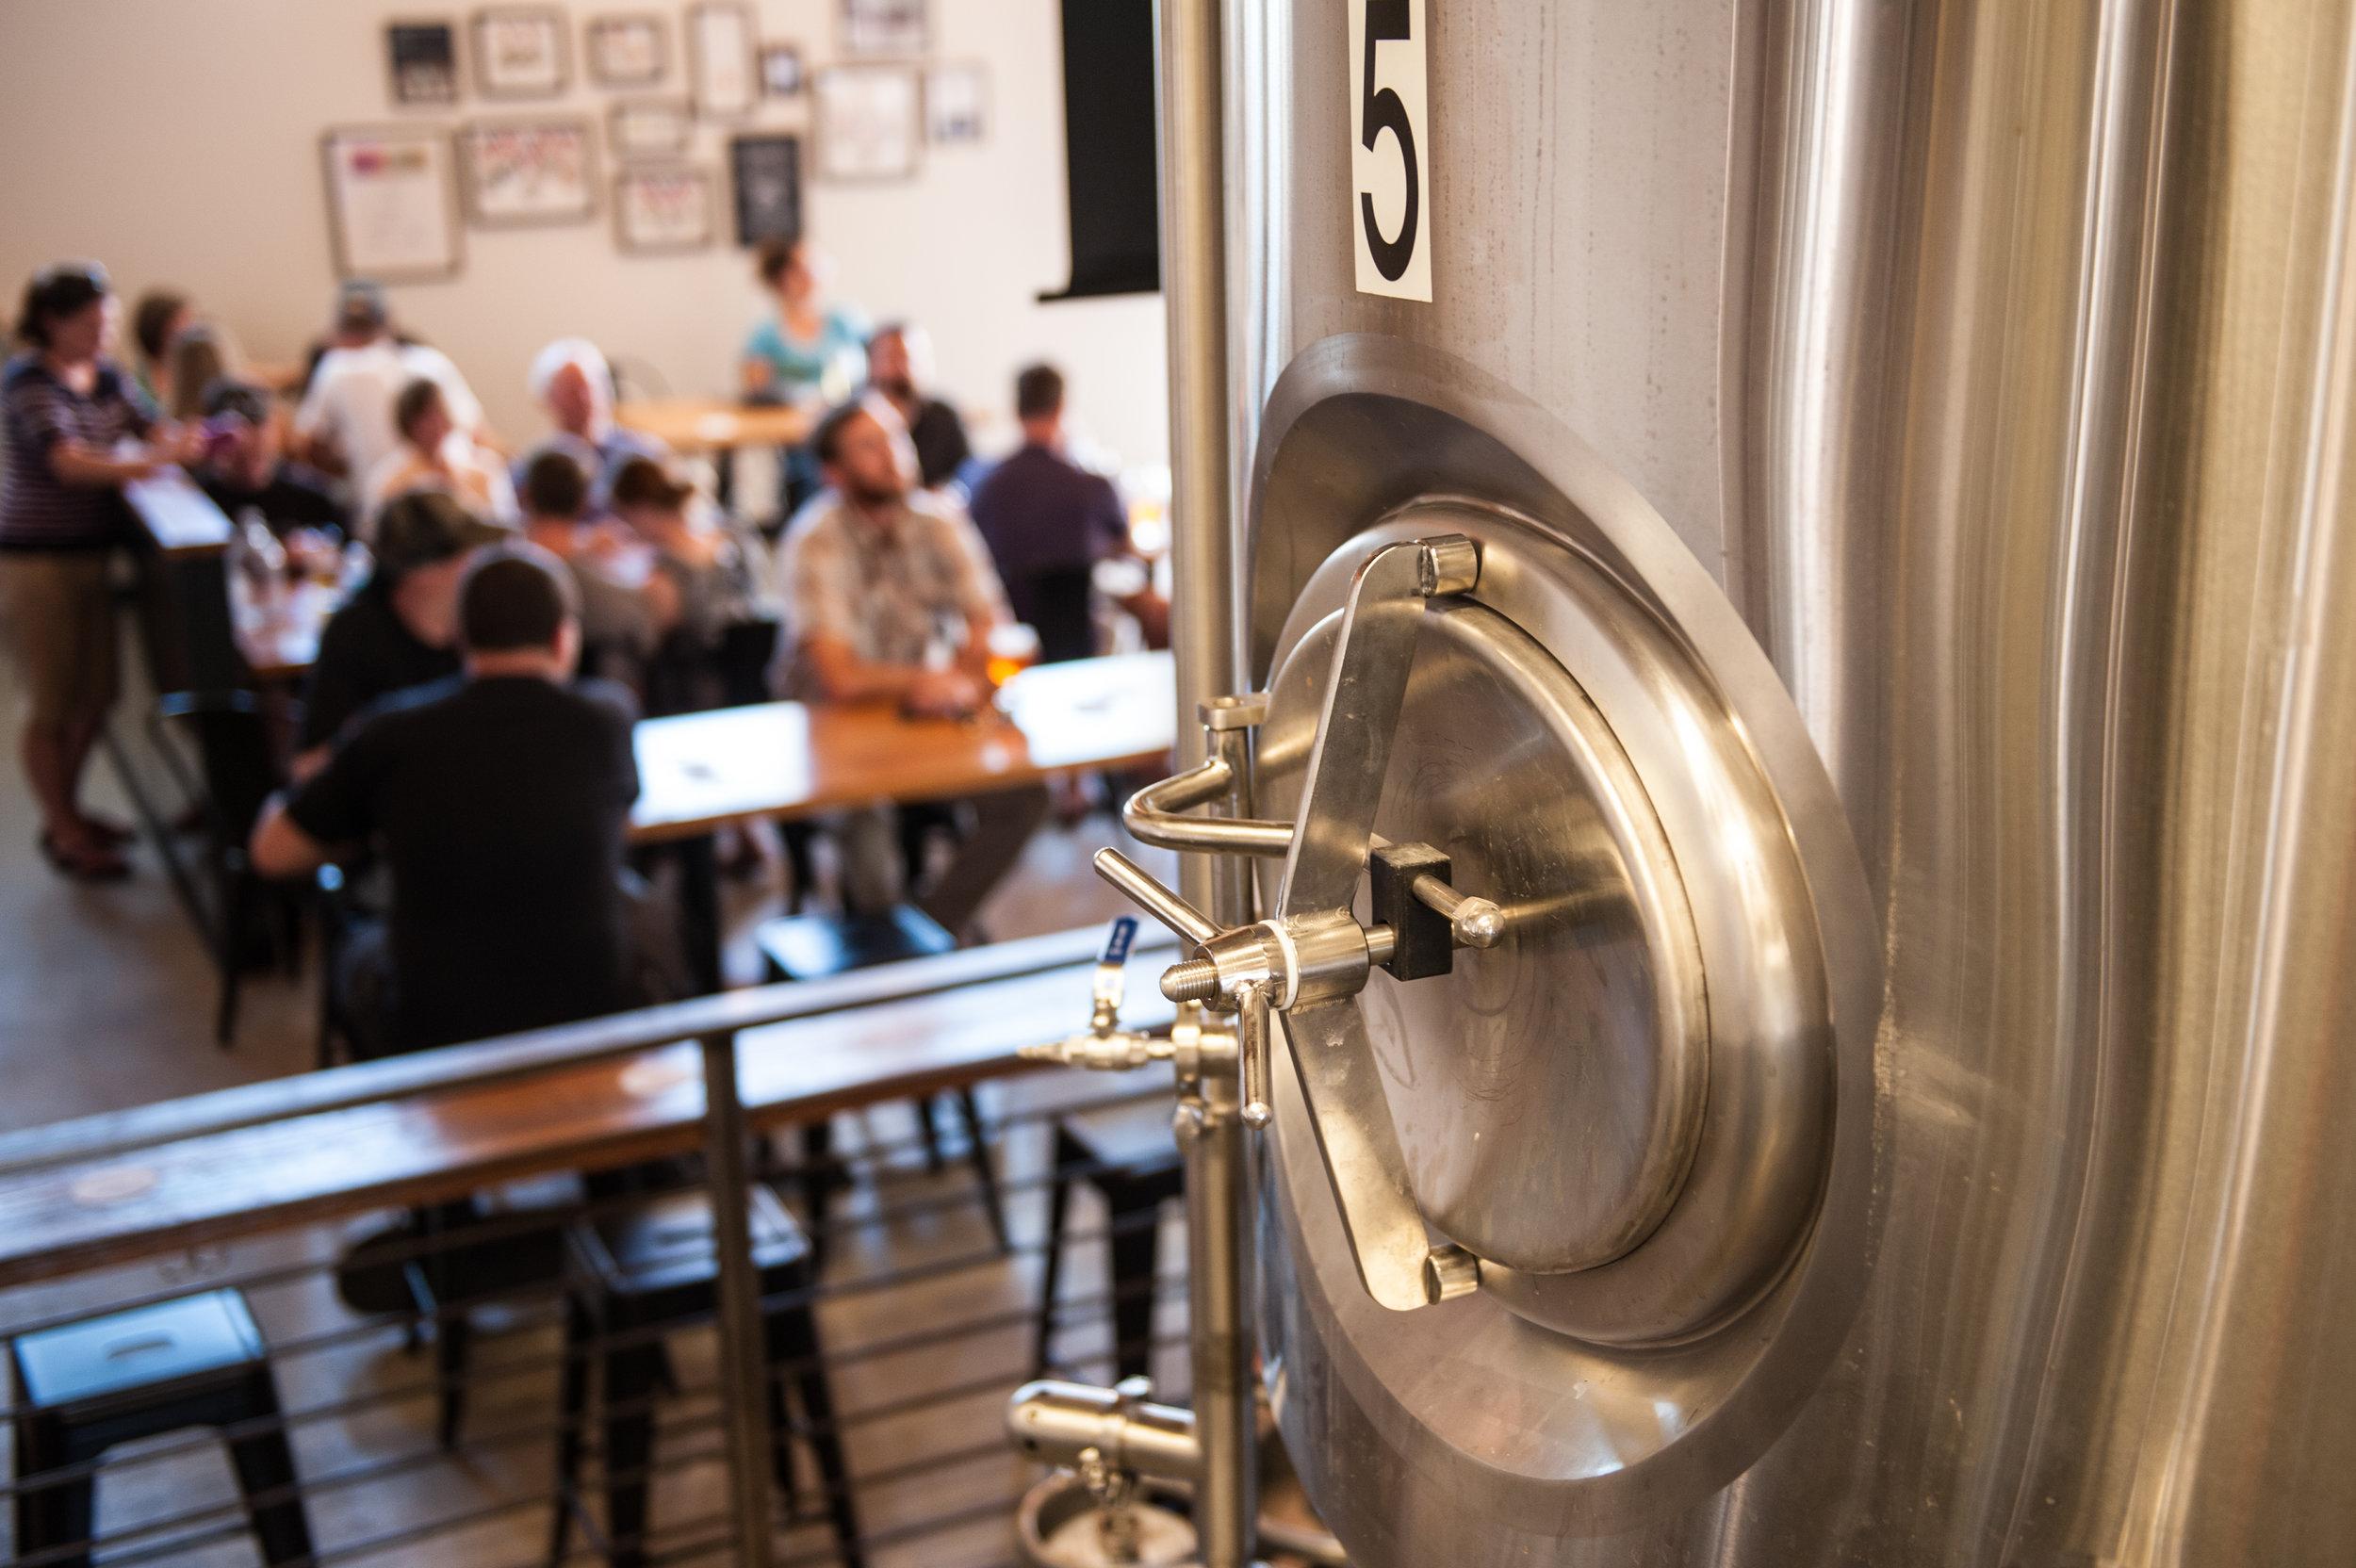 brewerery tap room-3.jpg